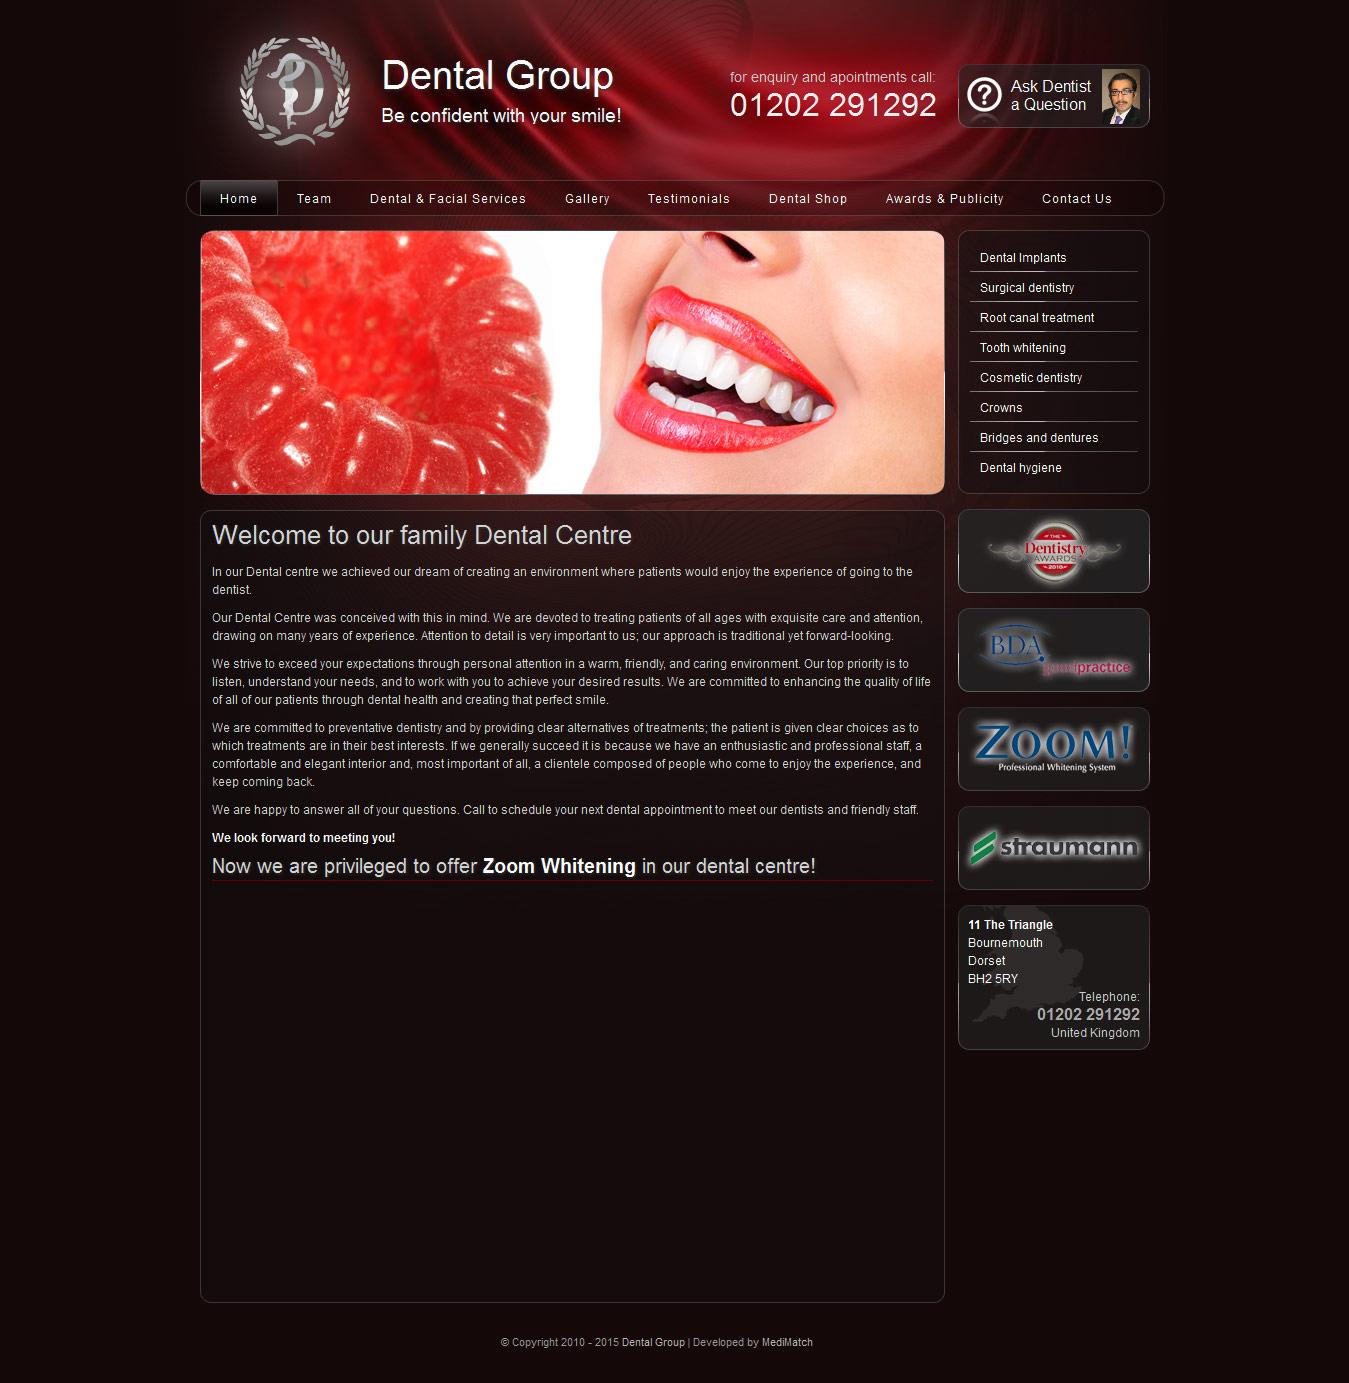 dental-web-design-dentalgroup